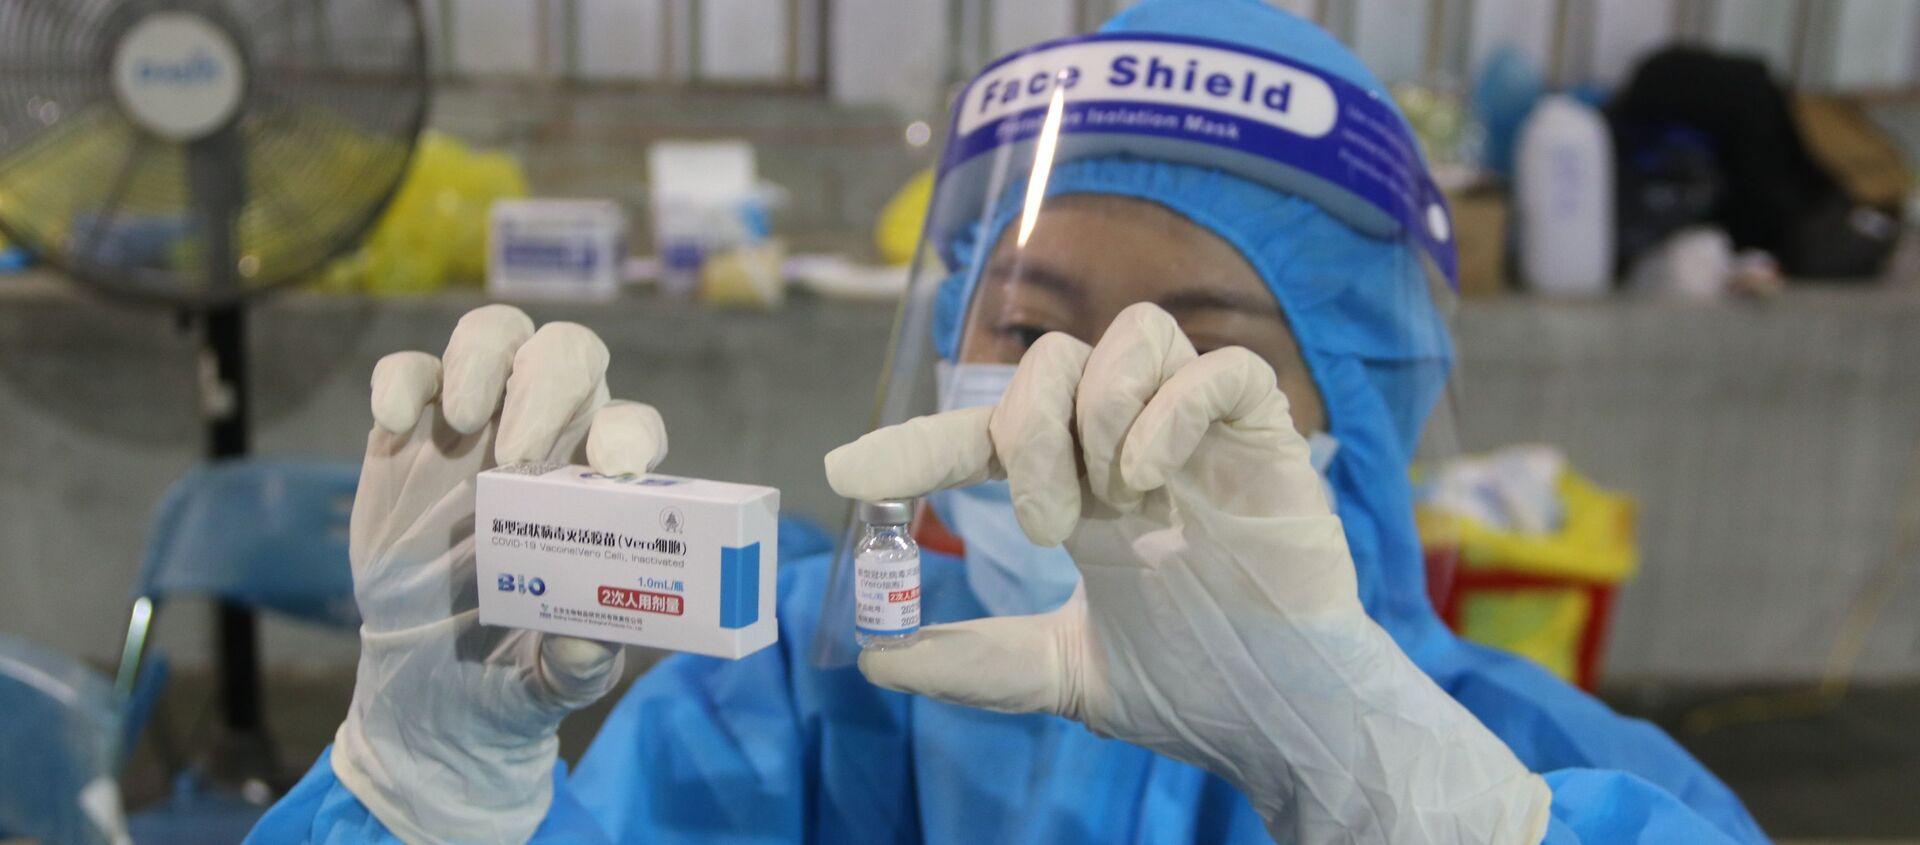 Vaccine Vero Cell của Sinopharm được sử dụng tiêm chủng tại điểm tiêm số 1 Huyền Trần Công Chúa (Quận 1). - Sputnik Việt Nam, 1920, 16.08.2021